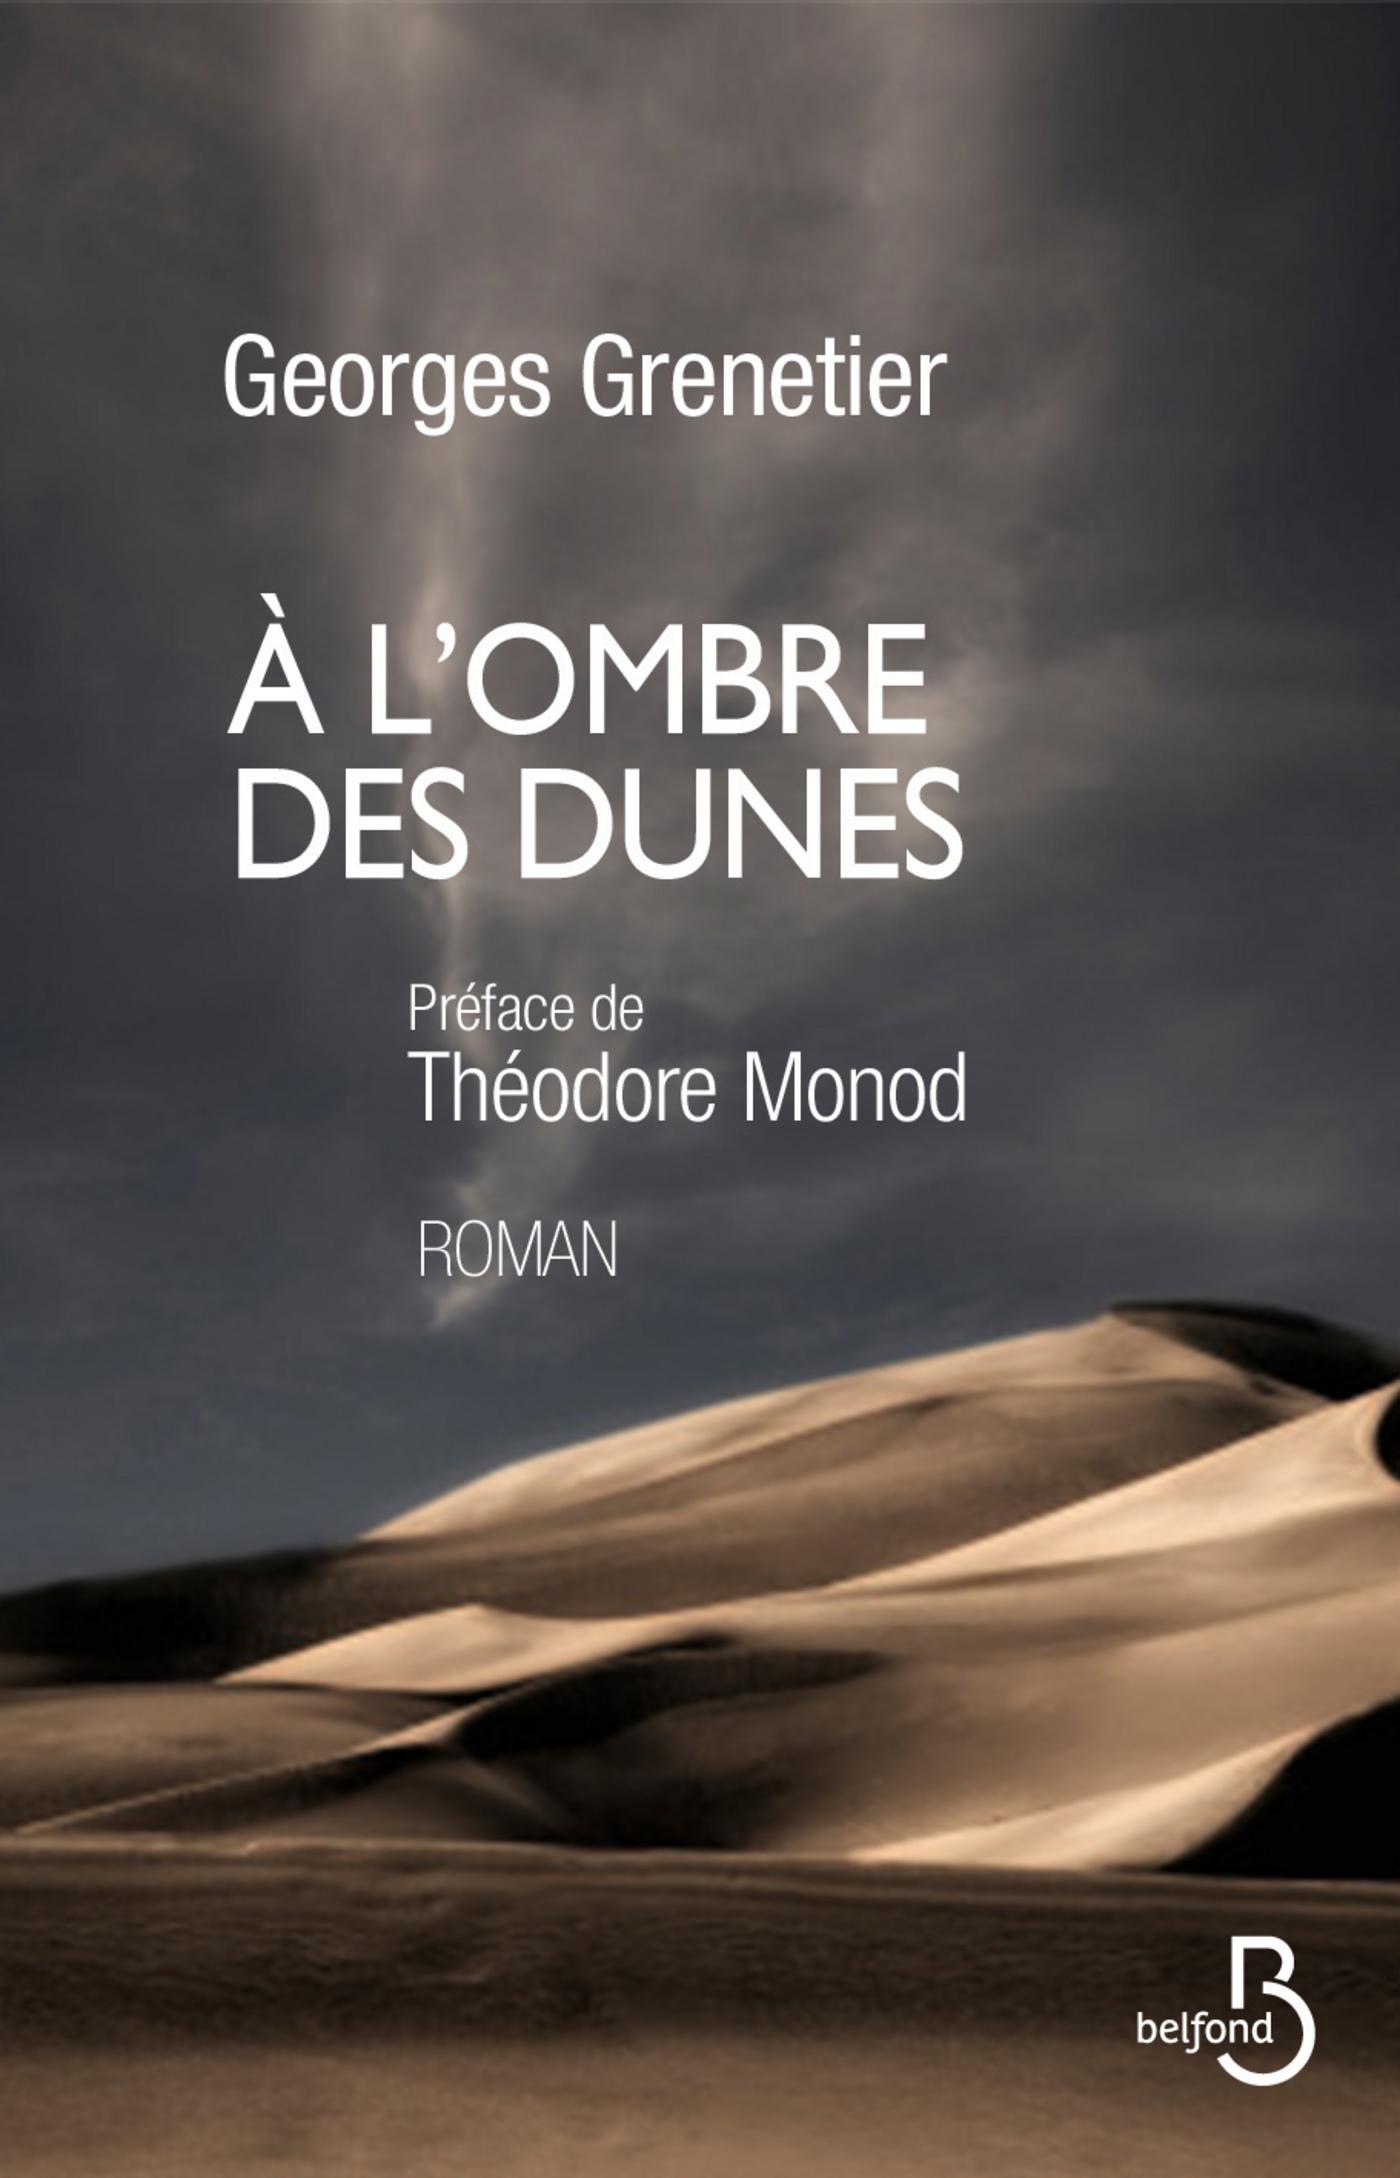 A l'ombre des dunes